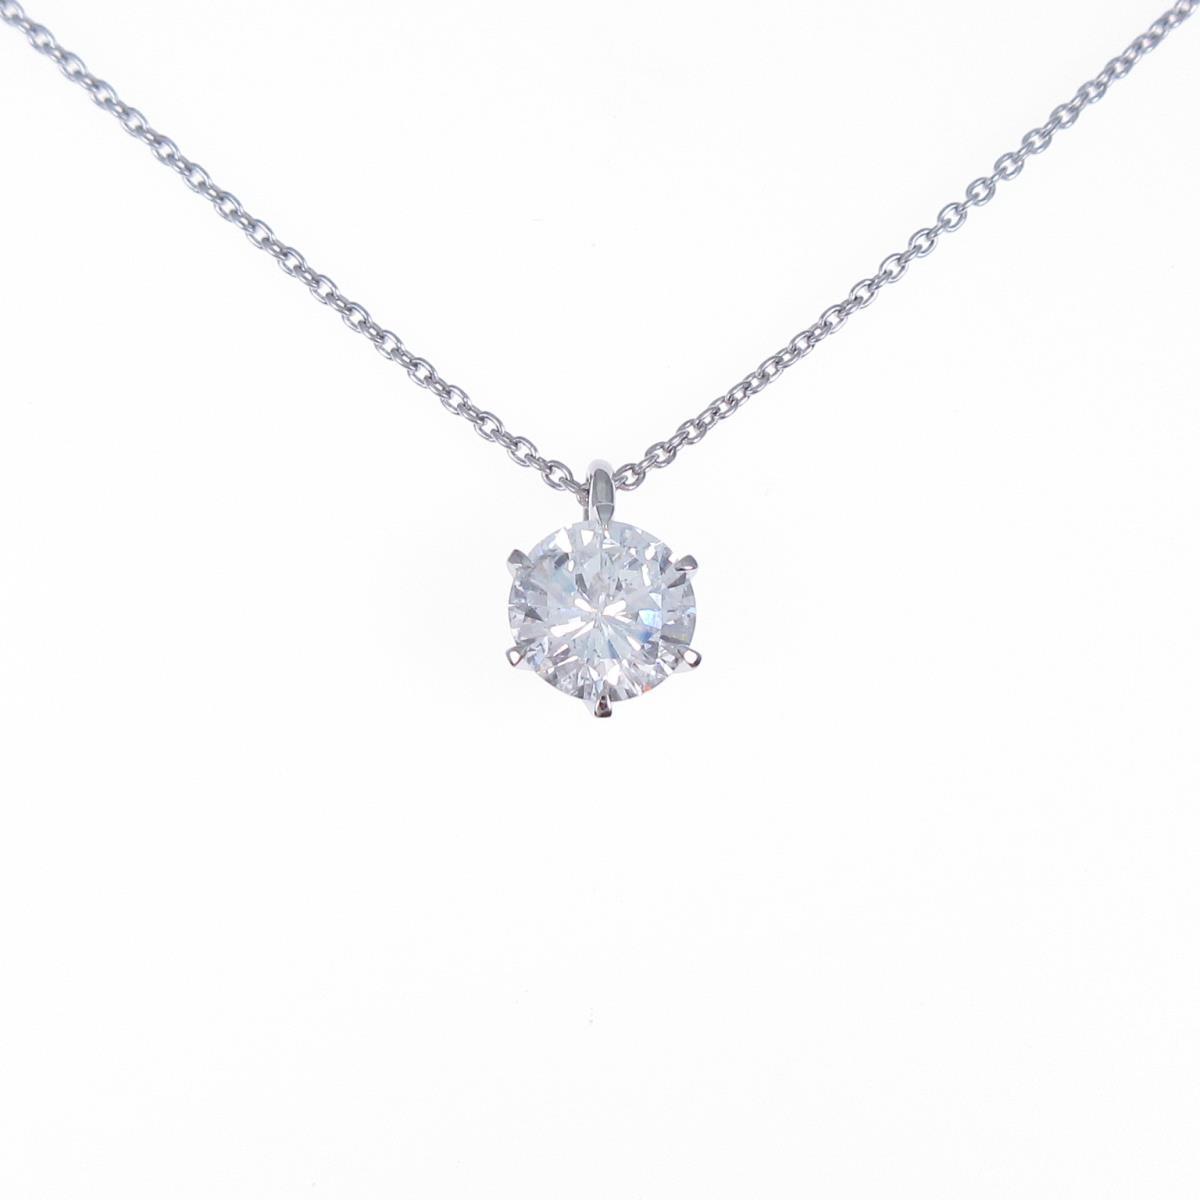 【リメイク】プラチナダイヤモンドネックレス 1.003ct・G・I1・GOOD【中古】